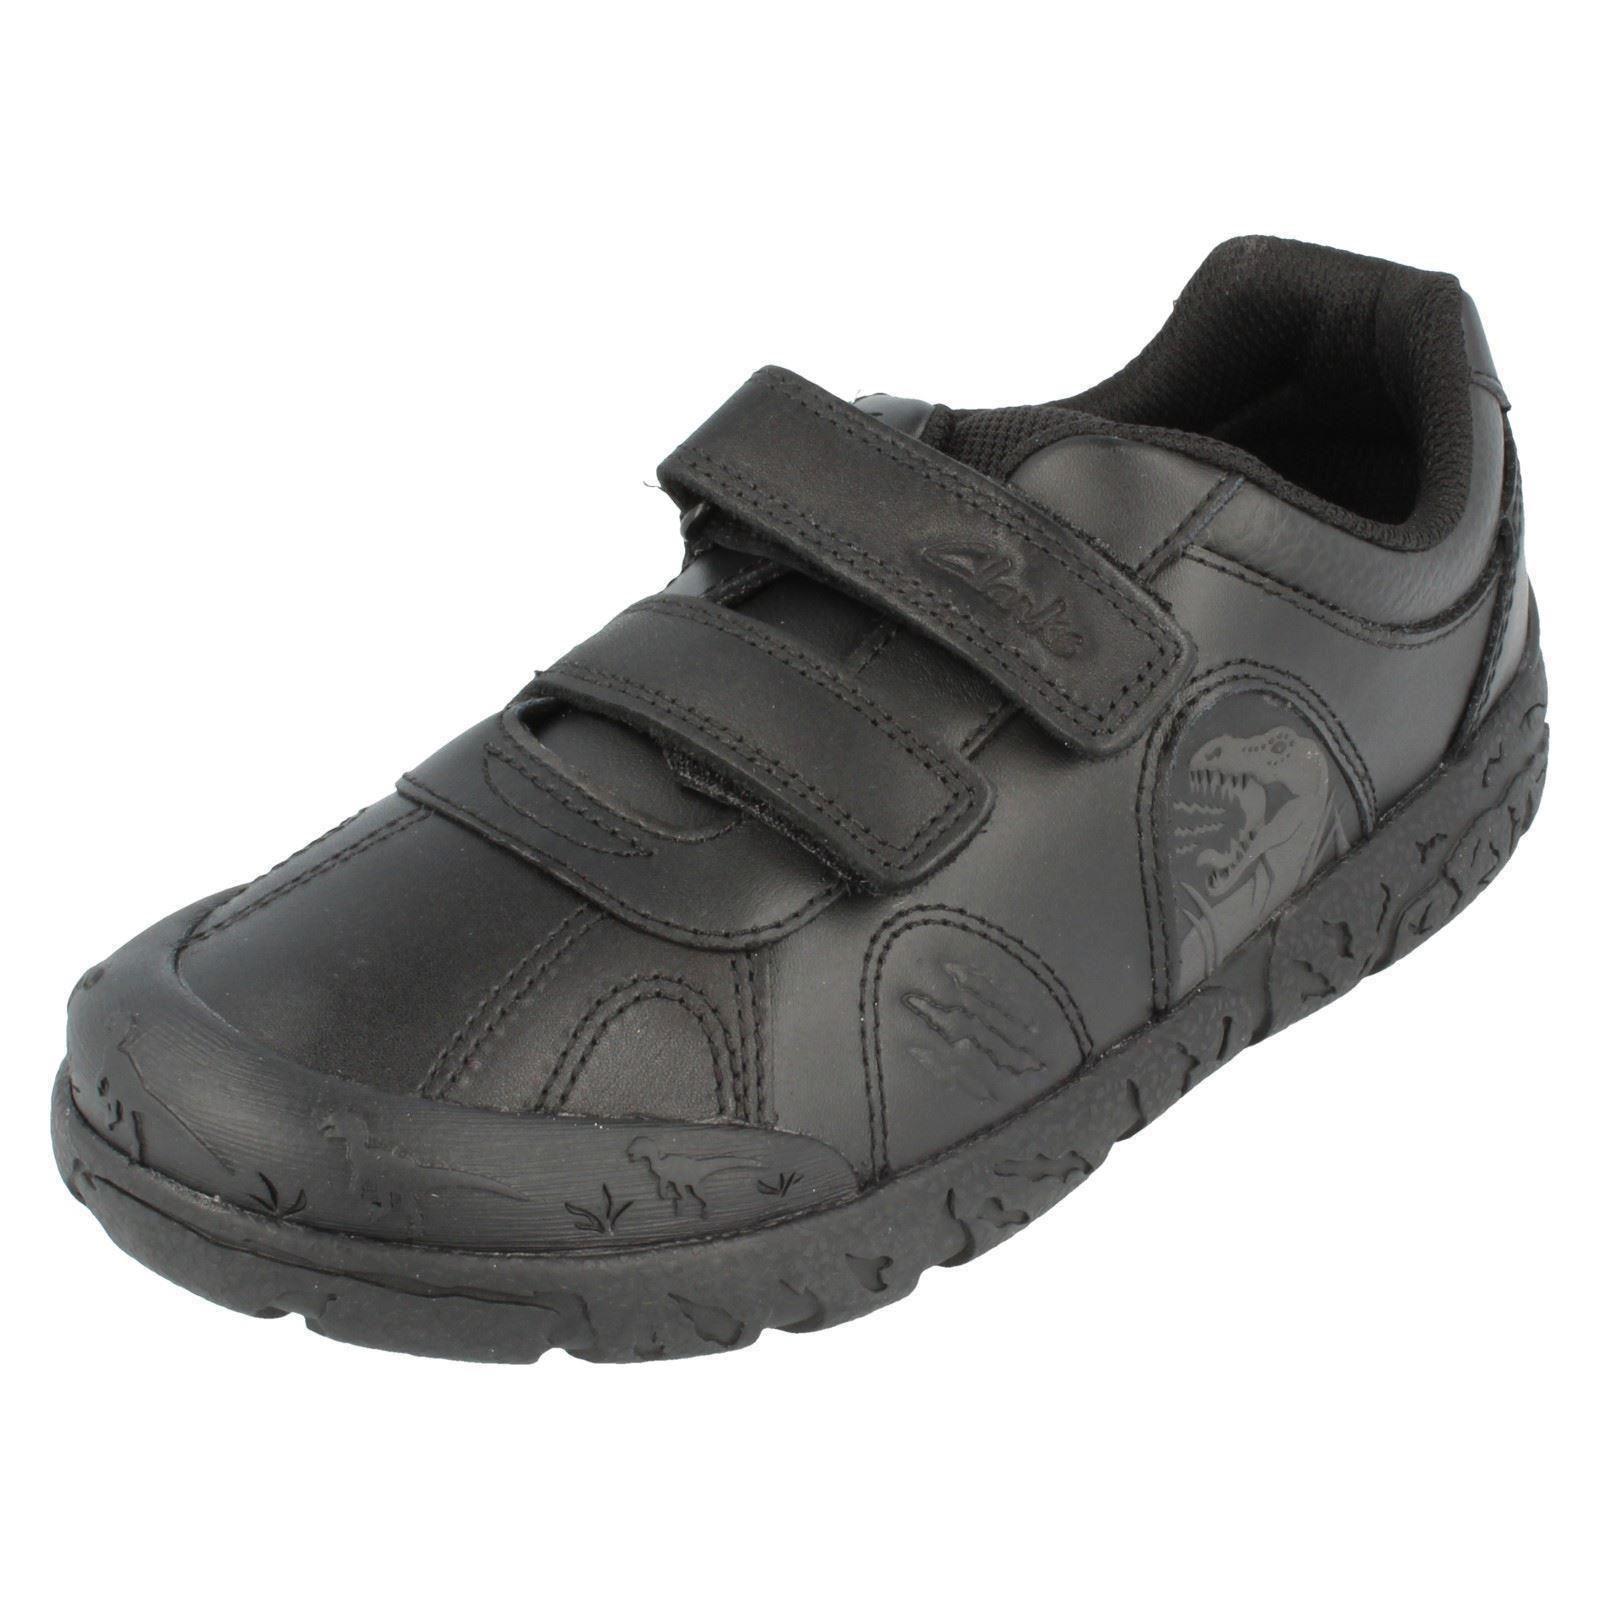 BZ636 CINZIA SOFT  zapatos negro charol mujer sandalias EU 35EU 38